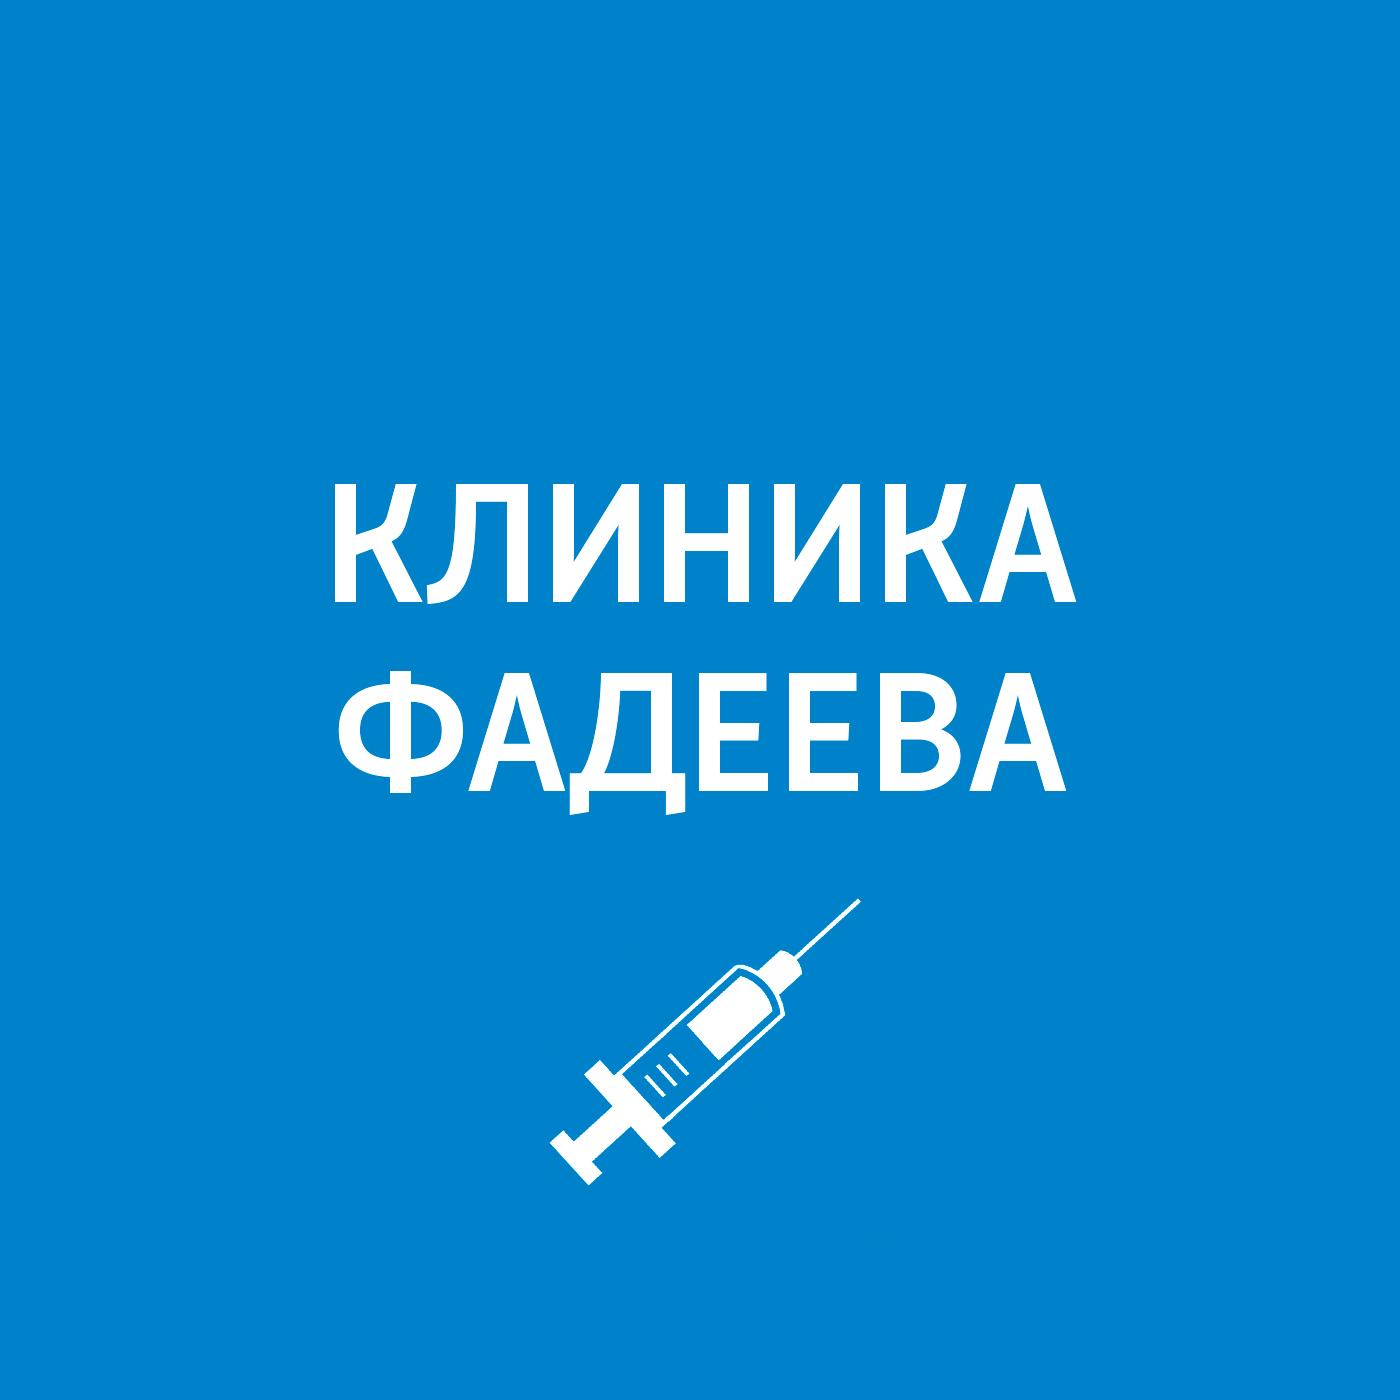 Пётр Фадеев Как лечить маленьких детей? чем лечить перхоть